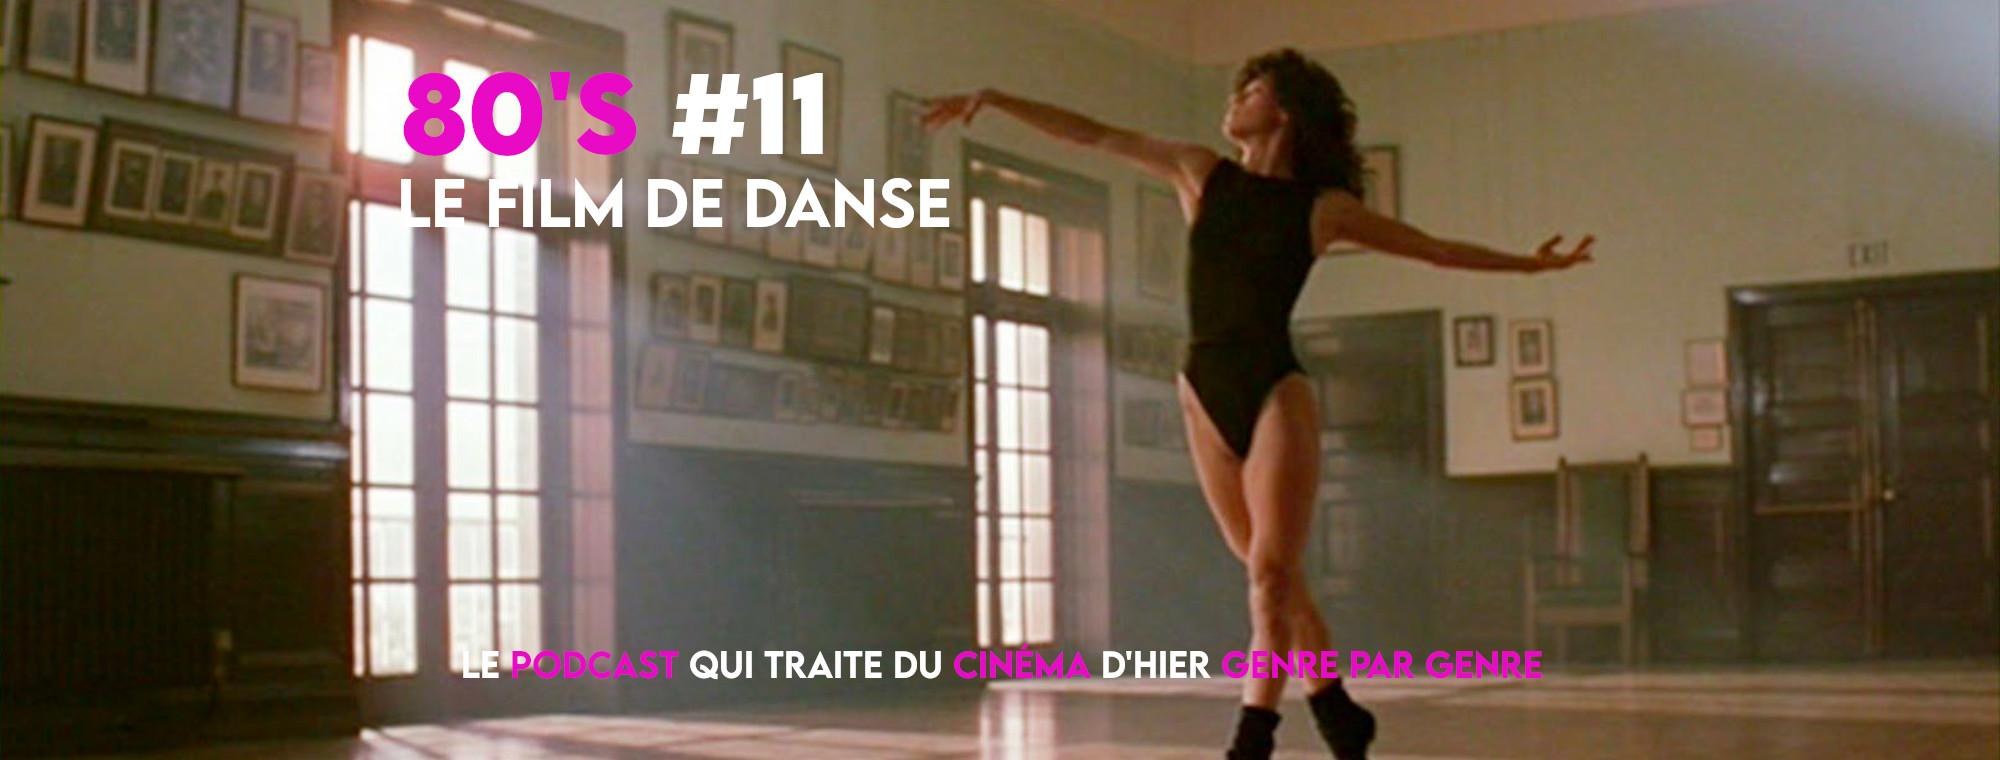 Parlons Péloches - 80's #11 Le film de danse